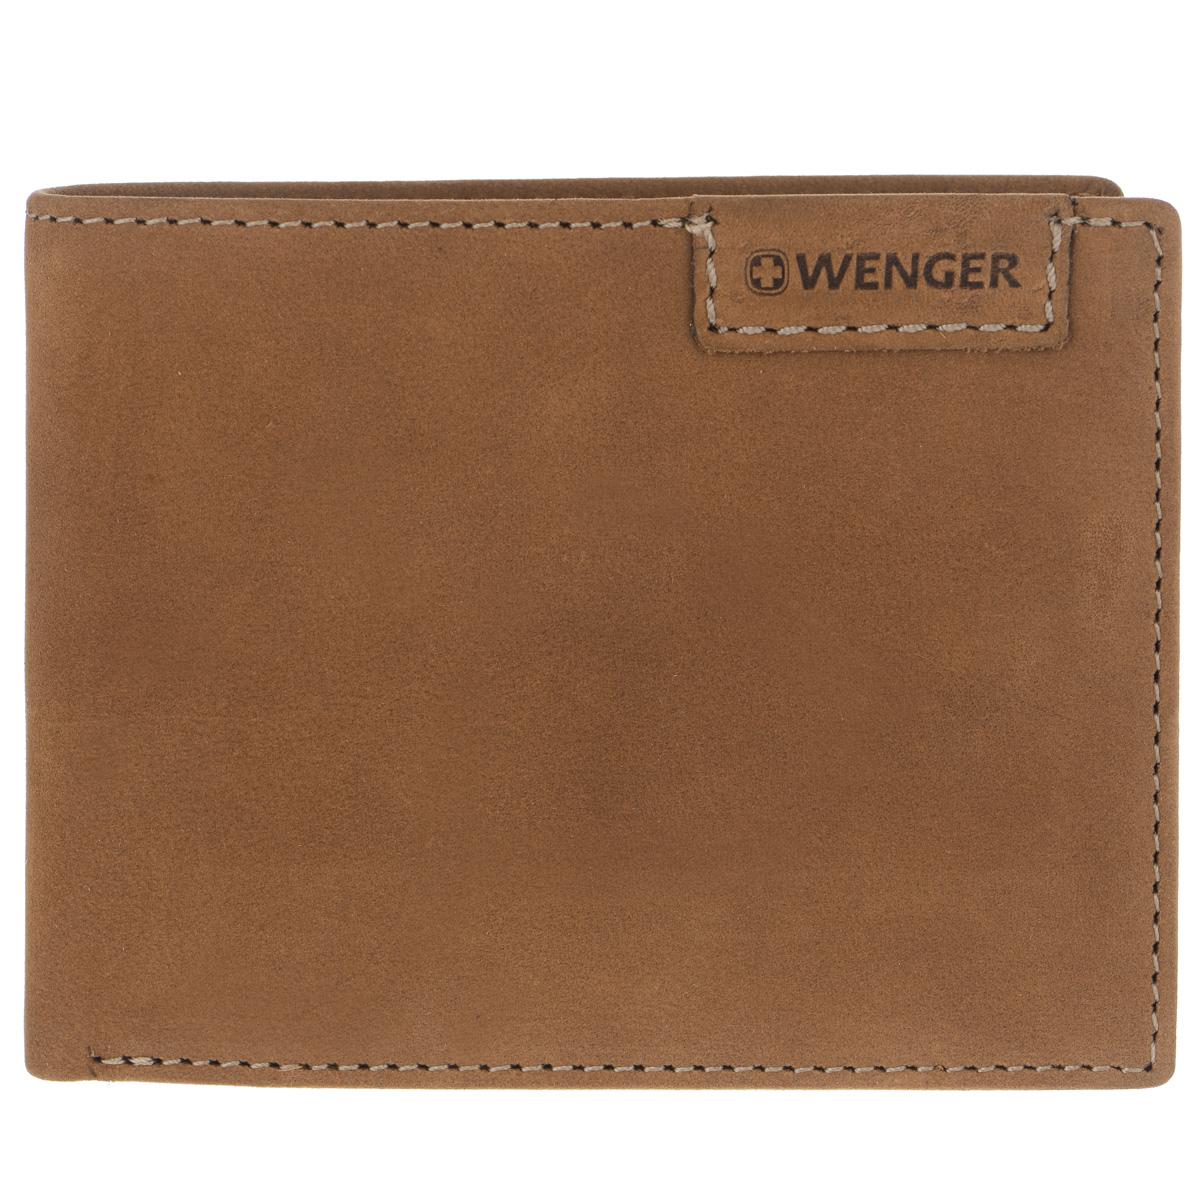 Портмоне мужское Wenger, цвет: коричневый. W11-15BM8434-58AEСтильное мужское портмоне Wenger изготовлено из натурального нубука и оформлено декоративной прострочкой, а также тиснениями в виде логотипа и названия бренда на лицевой стороне. Внутри - два отделения для купюр, отсек для мелочи на замке-кнопке, два боковых кармана и три прорези для визиток и кредитных карт. Изюминкой модели является то, что часть отсеков портмоне закрыто хлястиком на кнопку: сетчатый карман, боковой карман и три прорези для визиток и кредитных карт.Портмоне упаковано в изысканную фирменную коробку.Модное портмоне Wenger не оставит равнодушным истинного ценителя прекрасного.По всем вопросам гарантийного и постгарантийного обслуживания рюкзаков, чемоданов, спортивных и кожаных сумок, а также портмоне марок Wenger и SwissGear вы можете обратиться в сервис-центр, расположенный по адресу: г. Москва, Саввинская набережная, д.3. Тел: (495) 788-39-96, (499) 248-56-56, ежедневно с 9:00 до 21:00. Подробные условия гарантийного обслуживания приведены в гарантийном талоне, поставляемым в комплекте с каждым изделием. Бесплатный ремонт изделий производится при условии предоставления гарантийного талона и товарного/кассового чека, подтверждающего дату покупки.